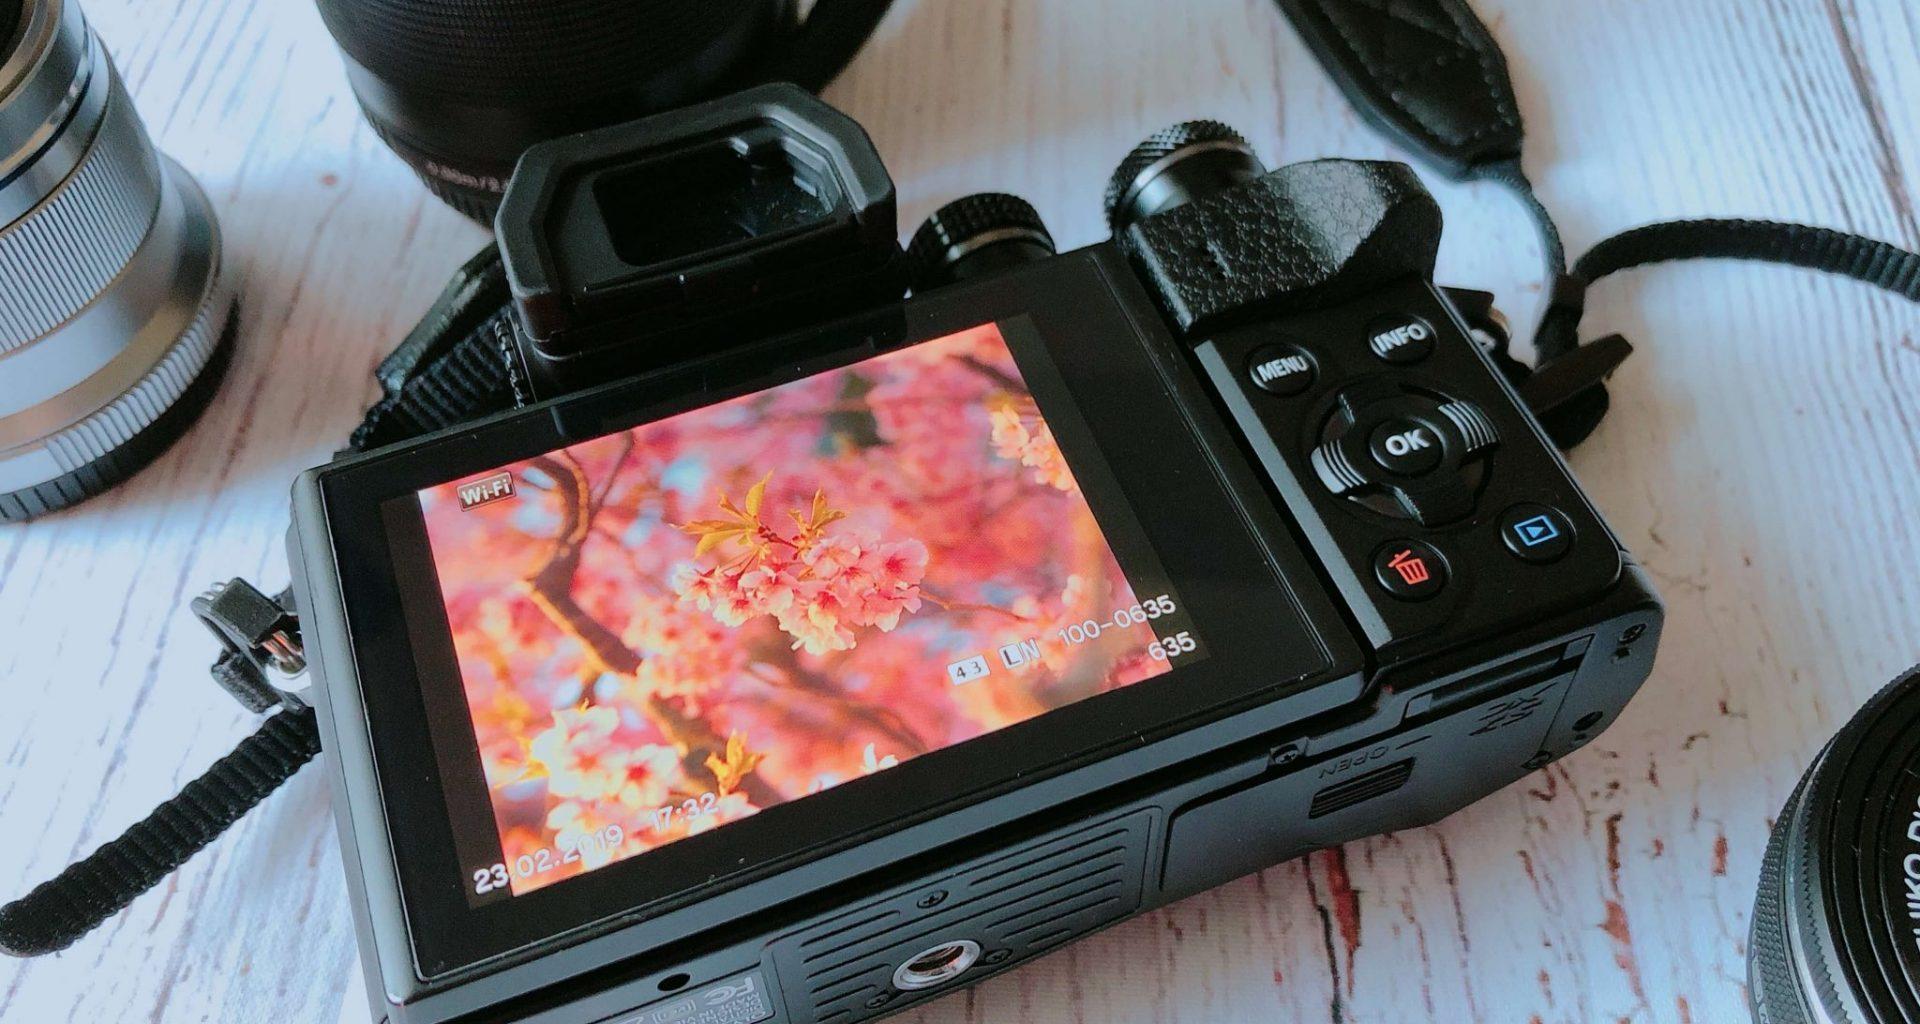 Sakura photo in camera